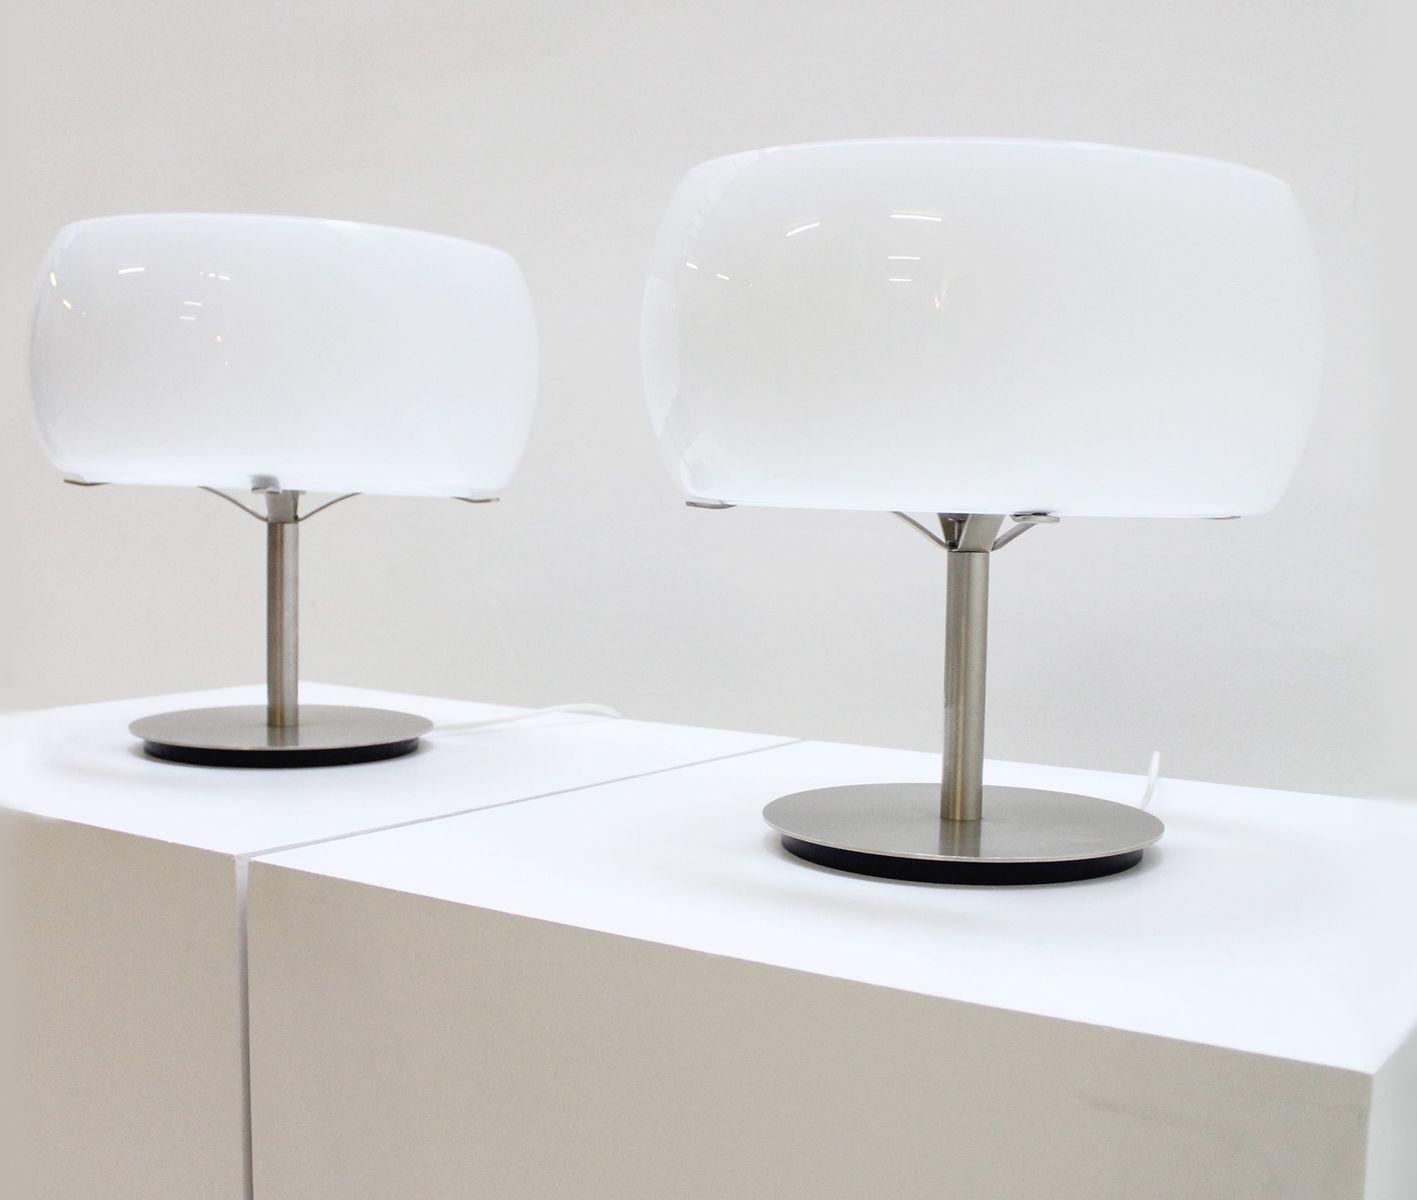 Lampade da tavolo erse di vico magistretti per artemide - Kit per lampade da tavolo ...